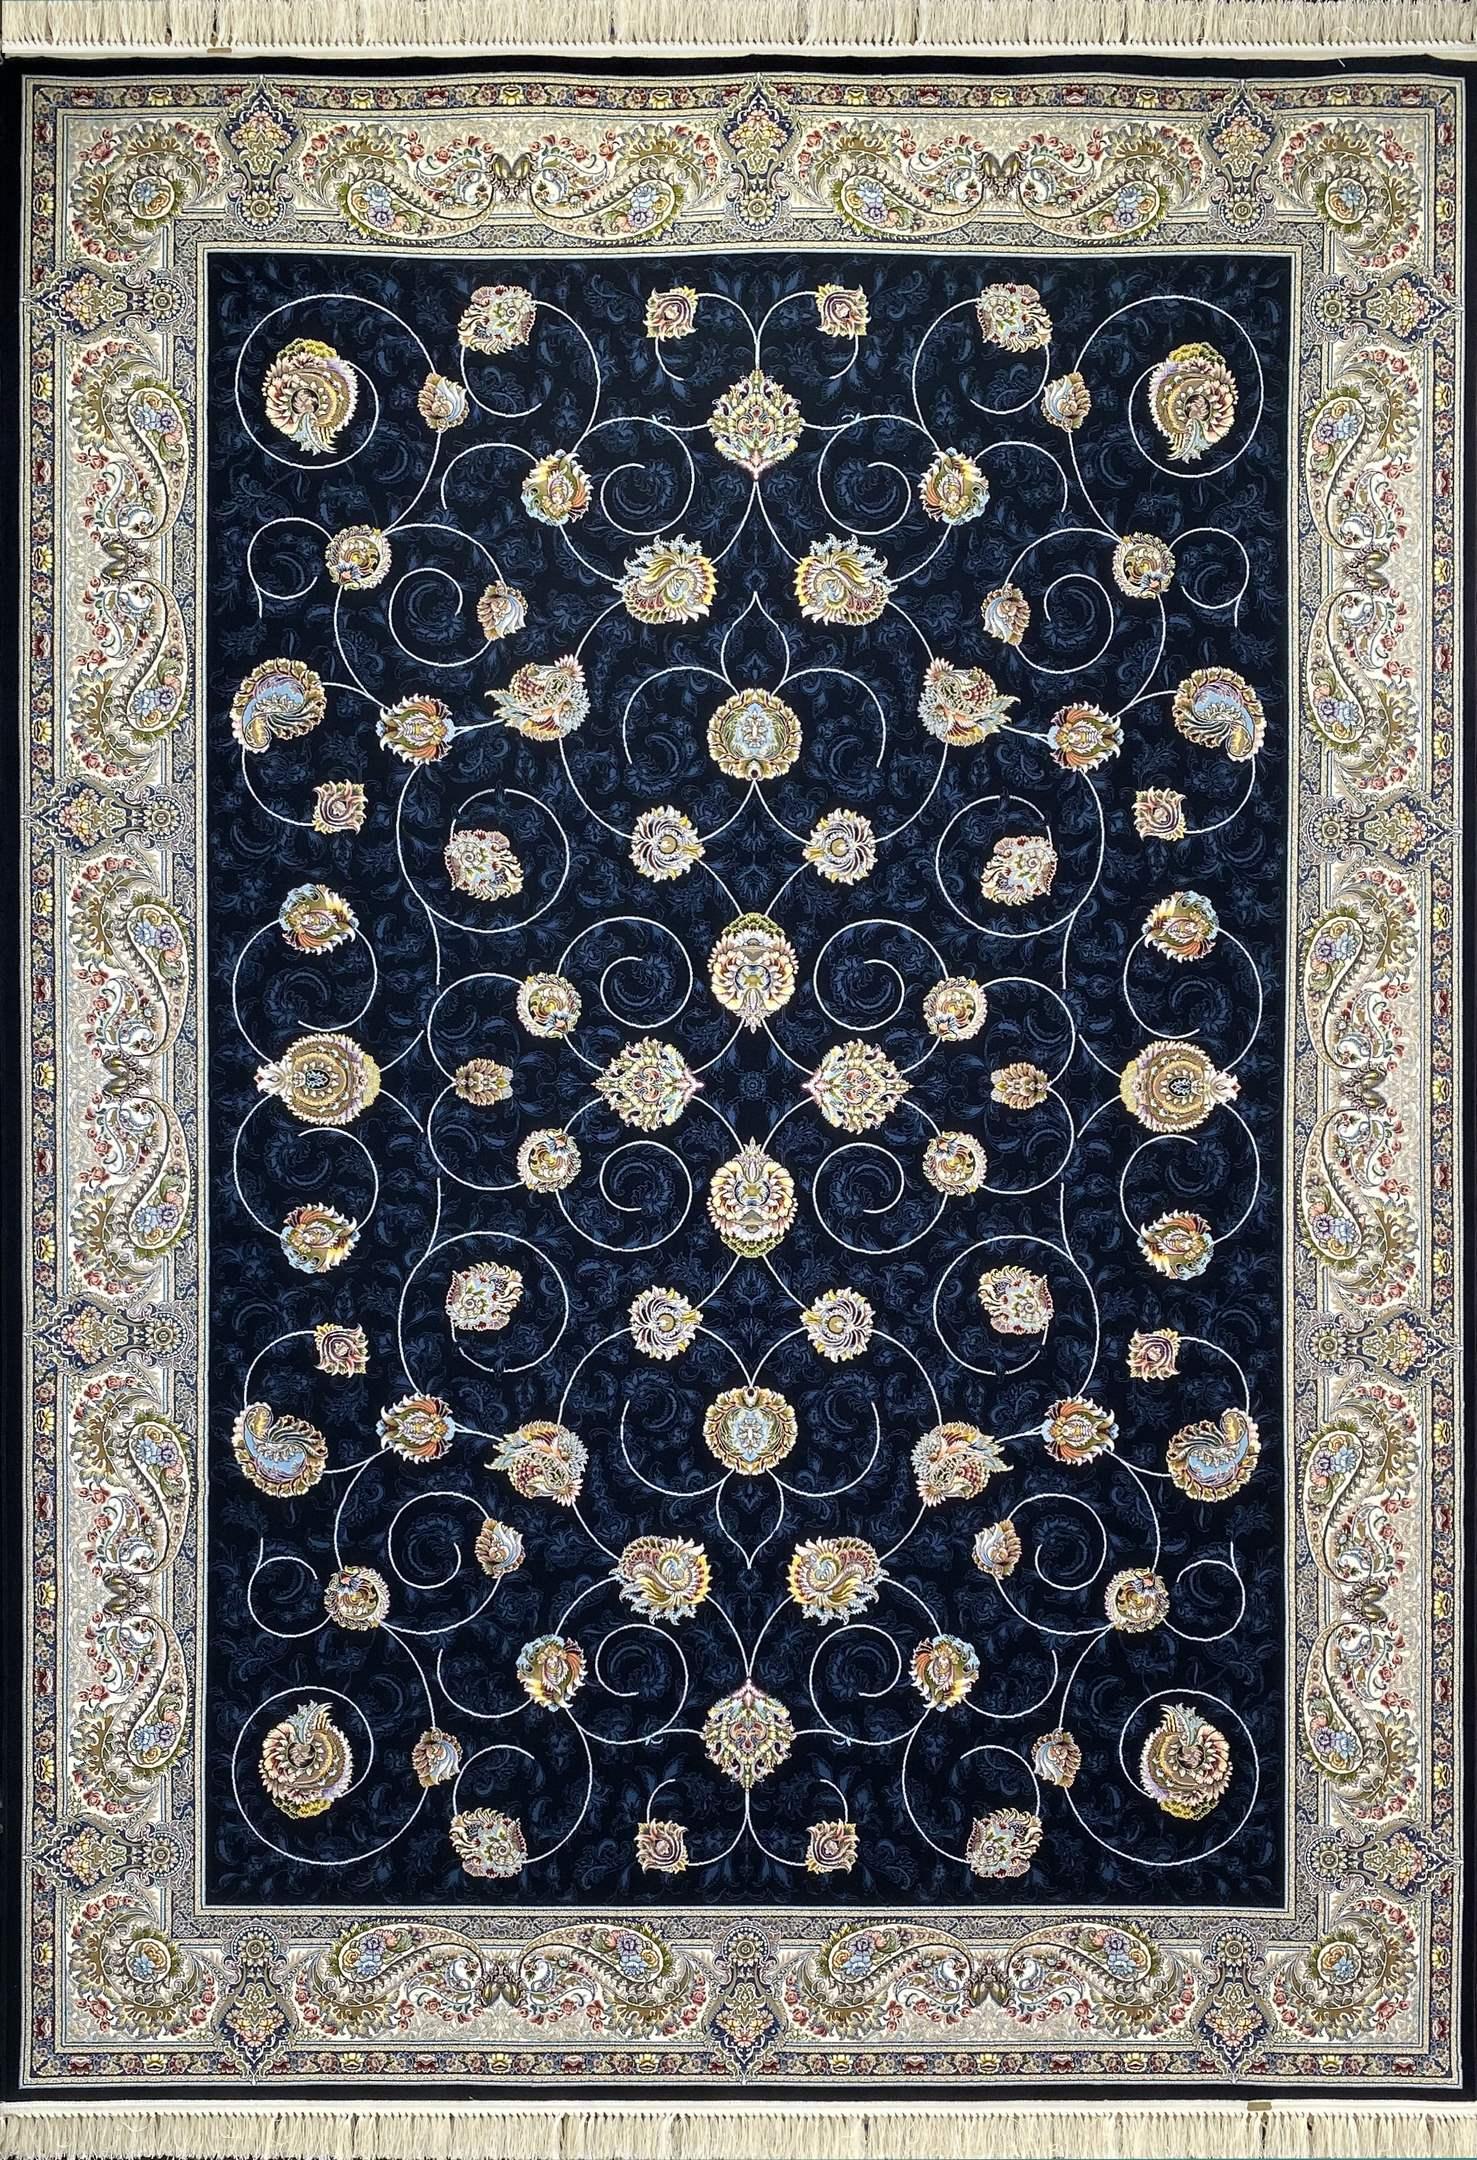 فرش کاشان – 1000 شانه نقشه افشان مهريز سرمه ای